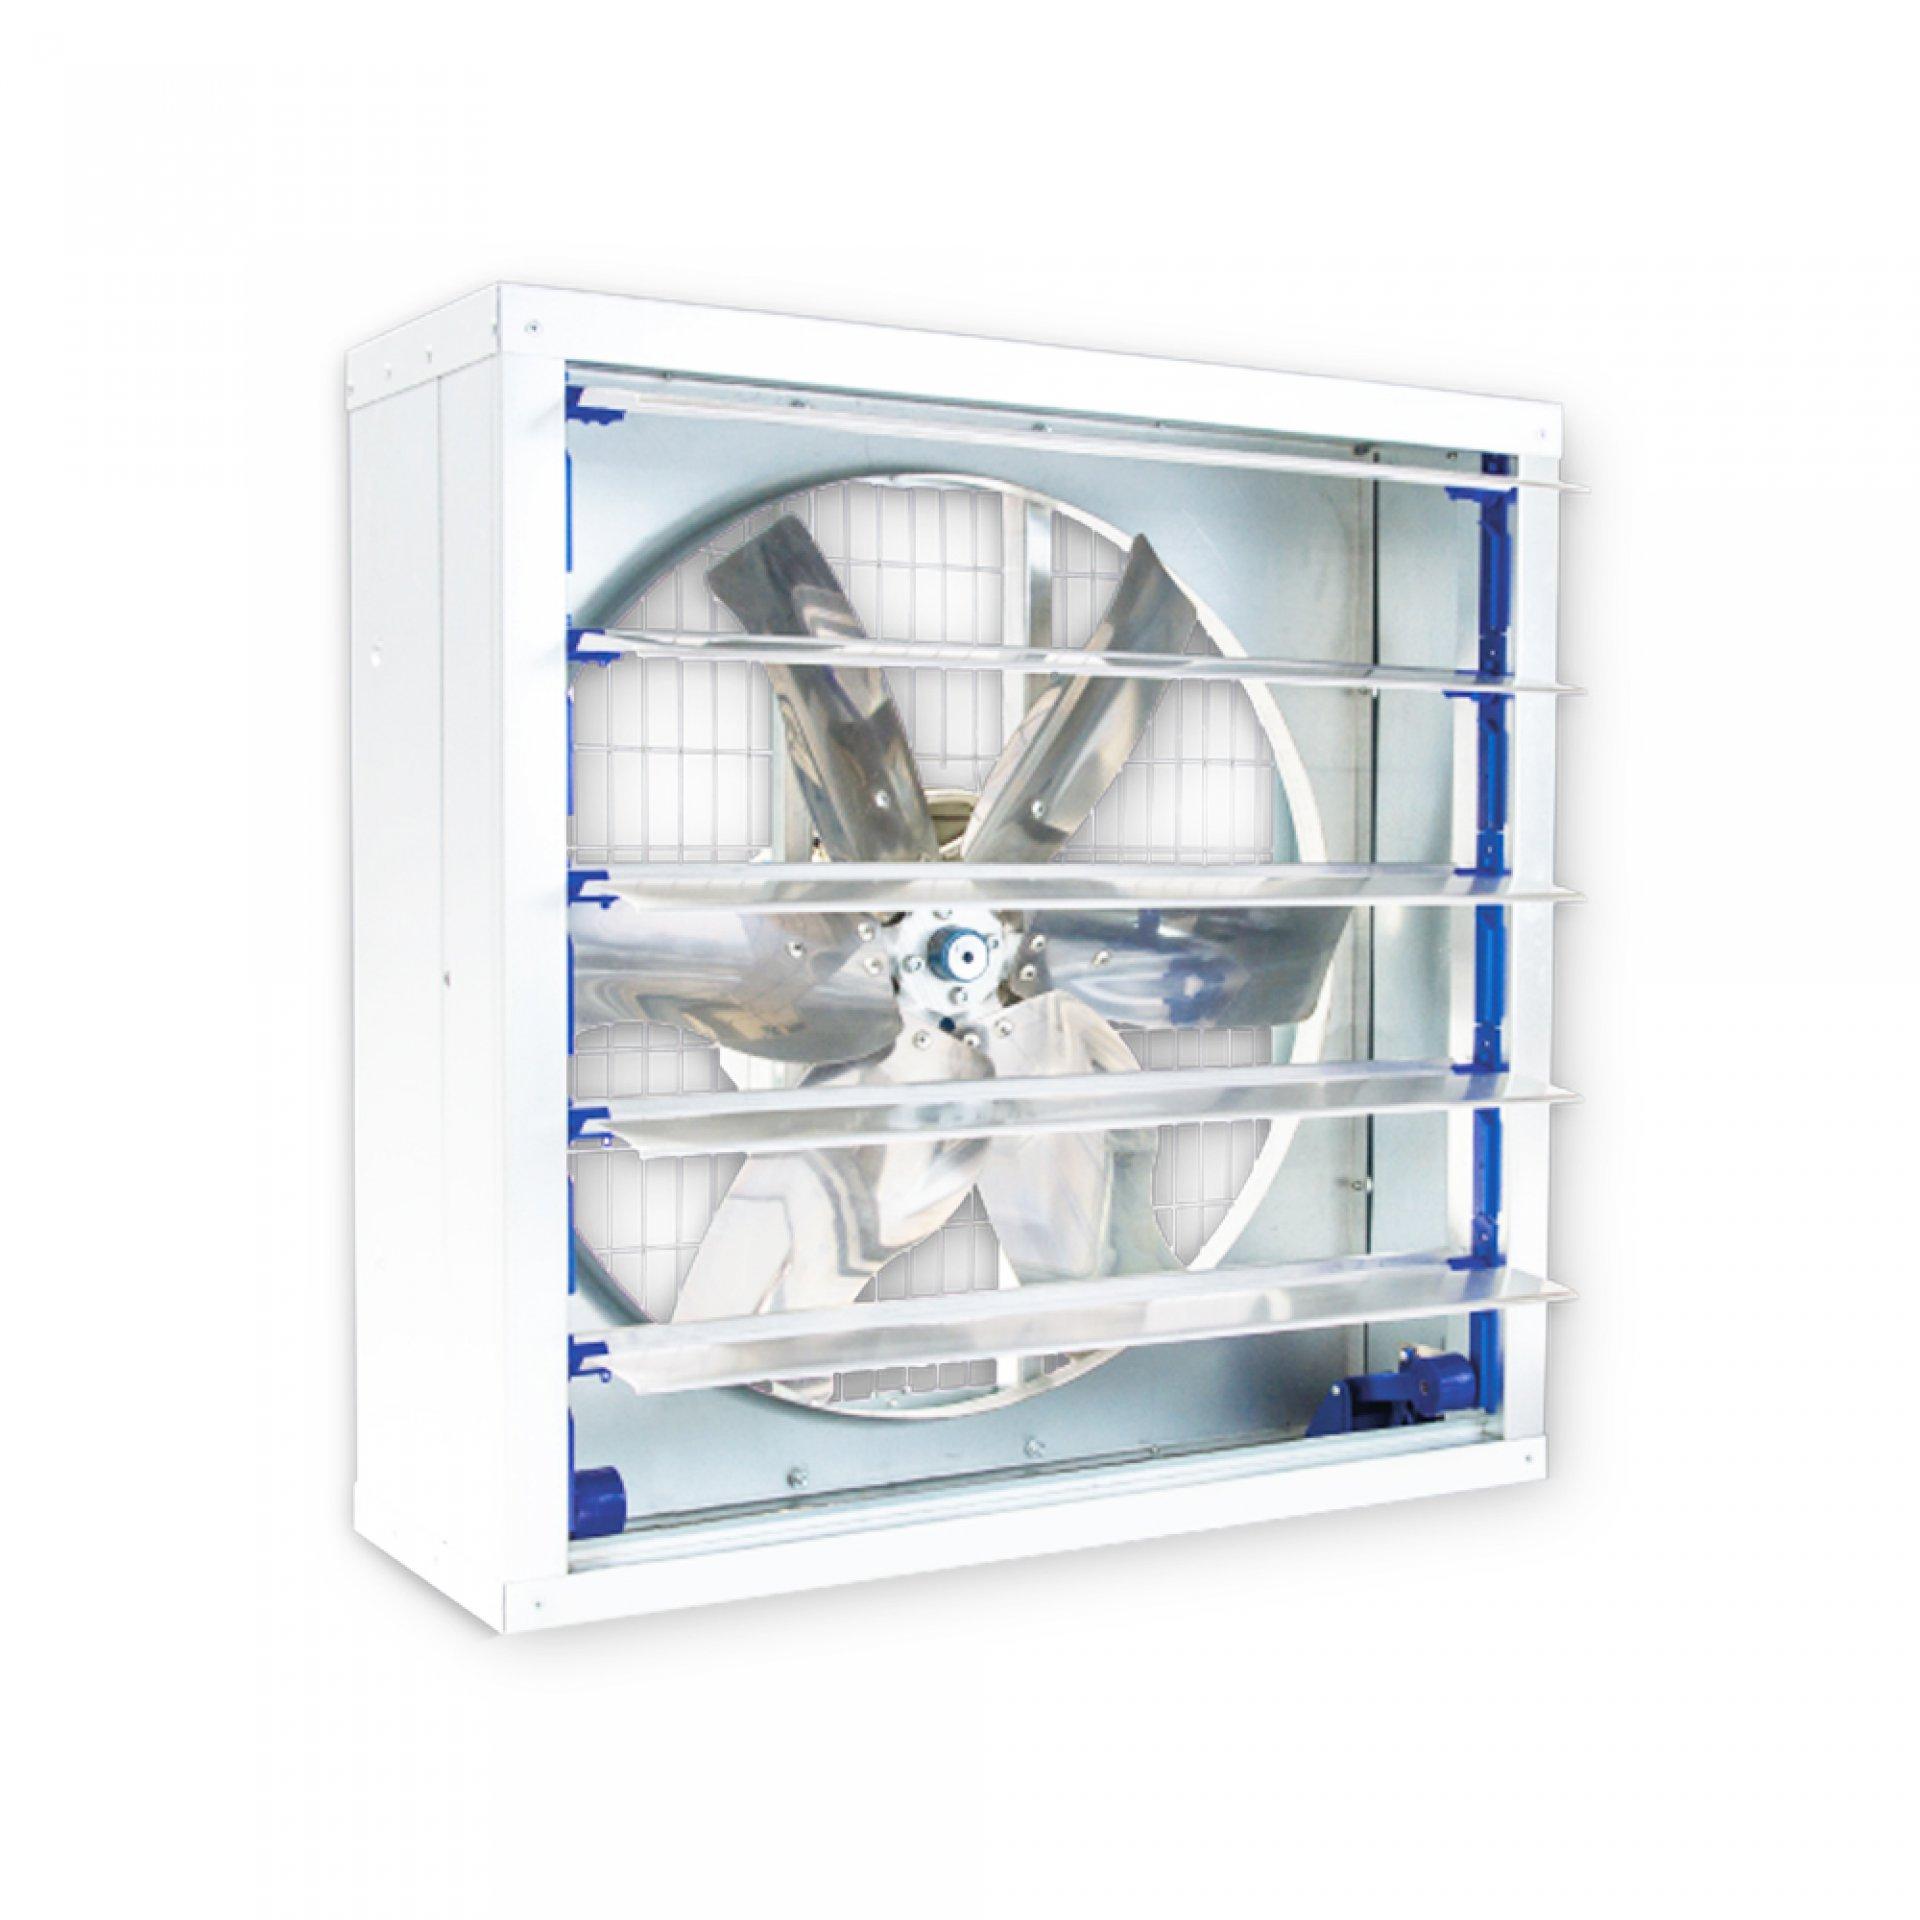 660-grill-to-shutter-fan-type